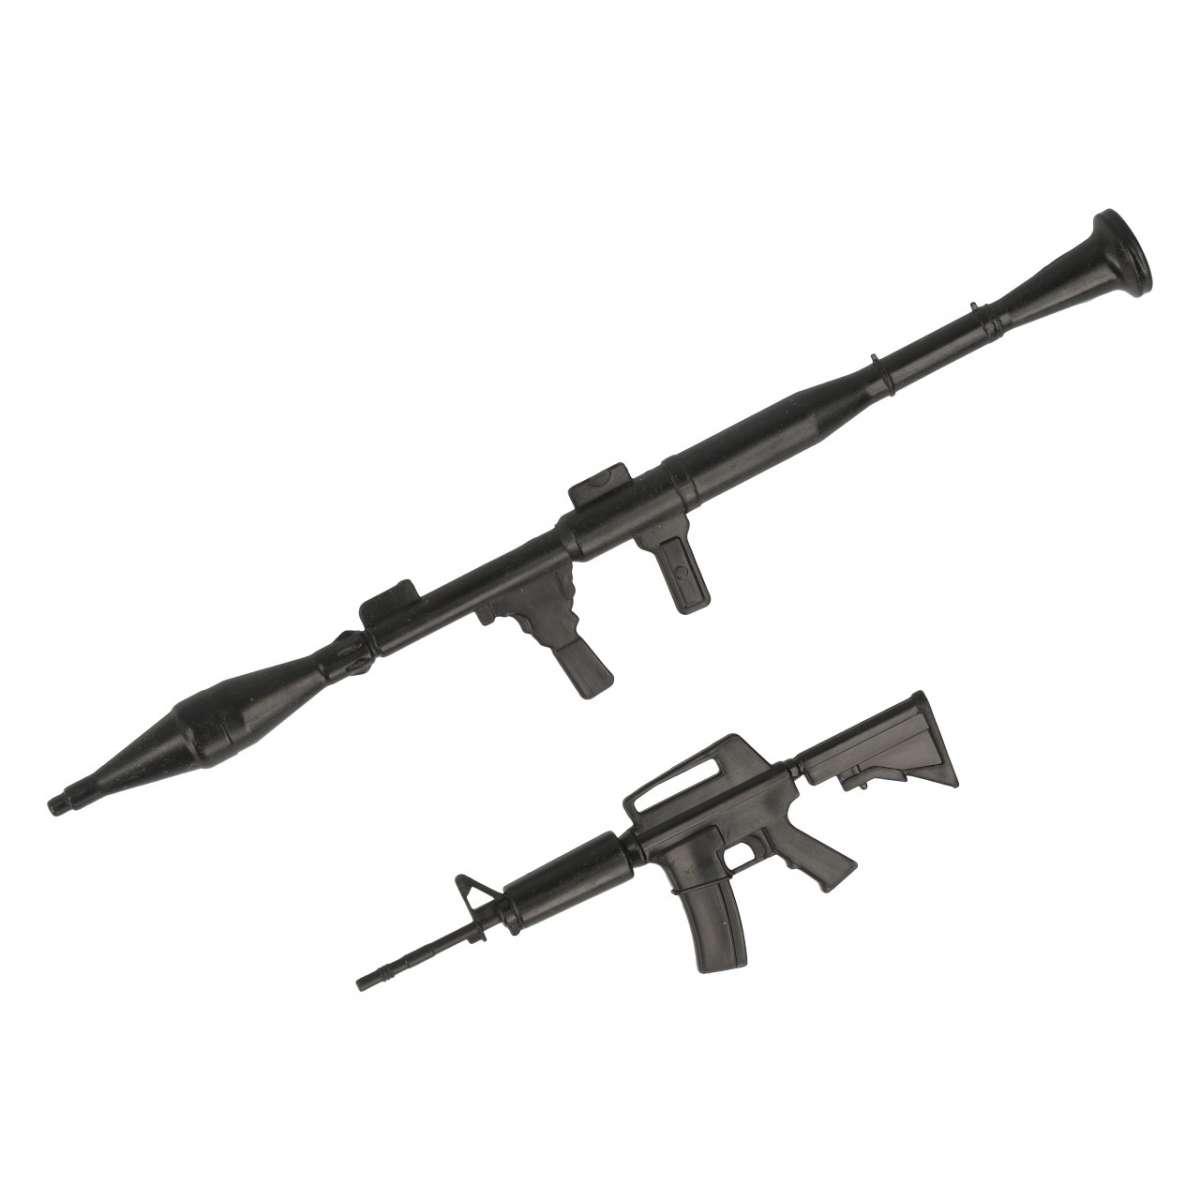 Machine gun and bazooka - R21027